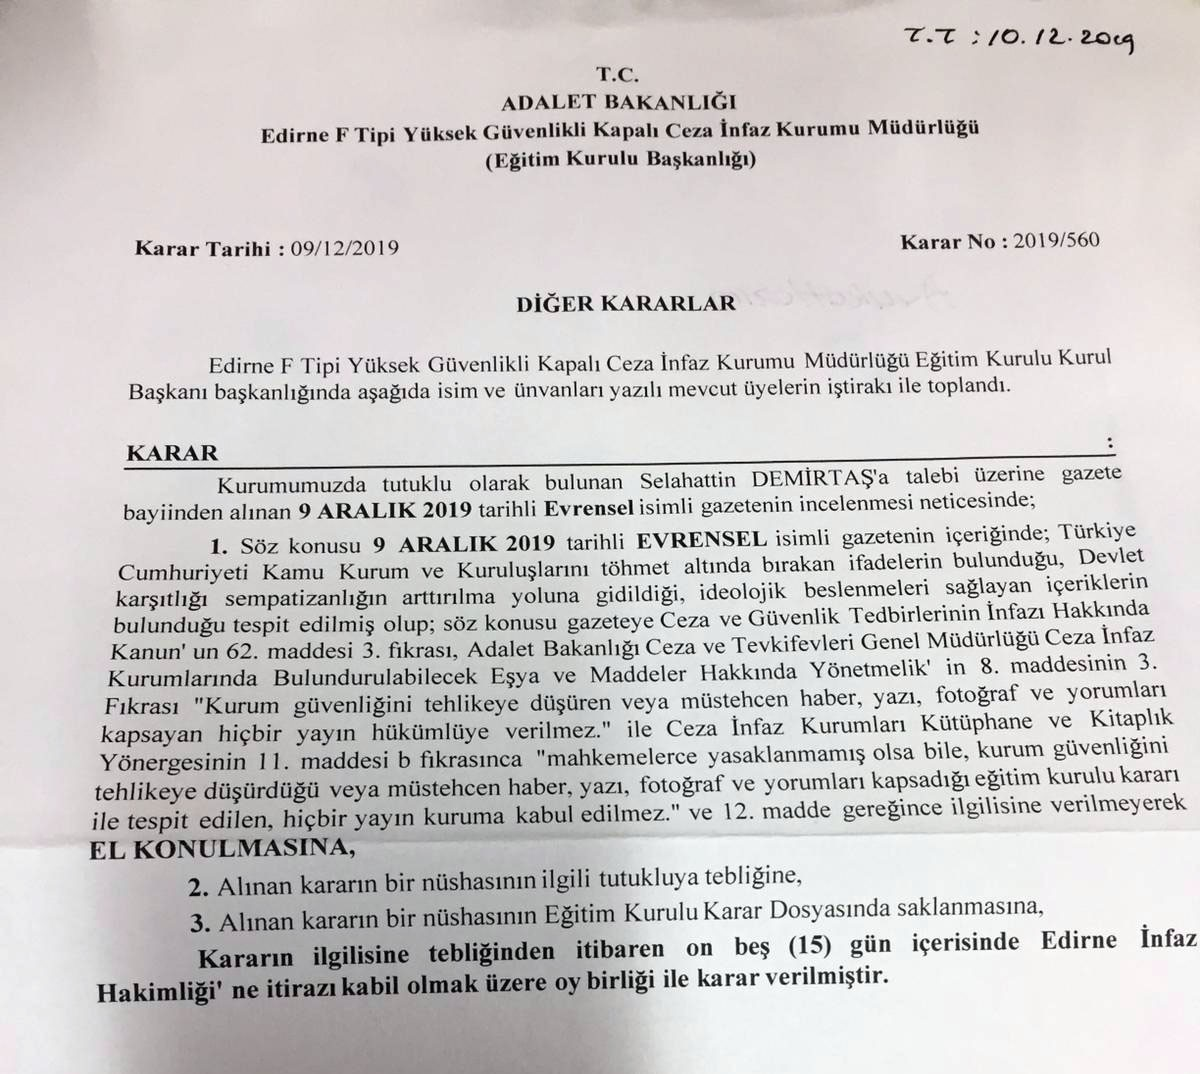 Edirne F Tipi Cezaevi tarafından 9 Aralık tarihli gazetemizin verilmemesine dair karar.